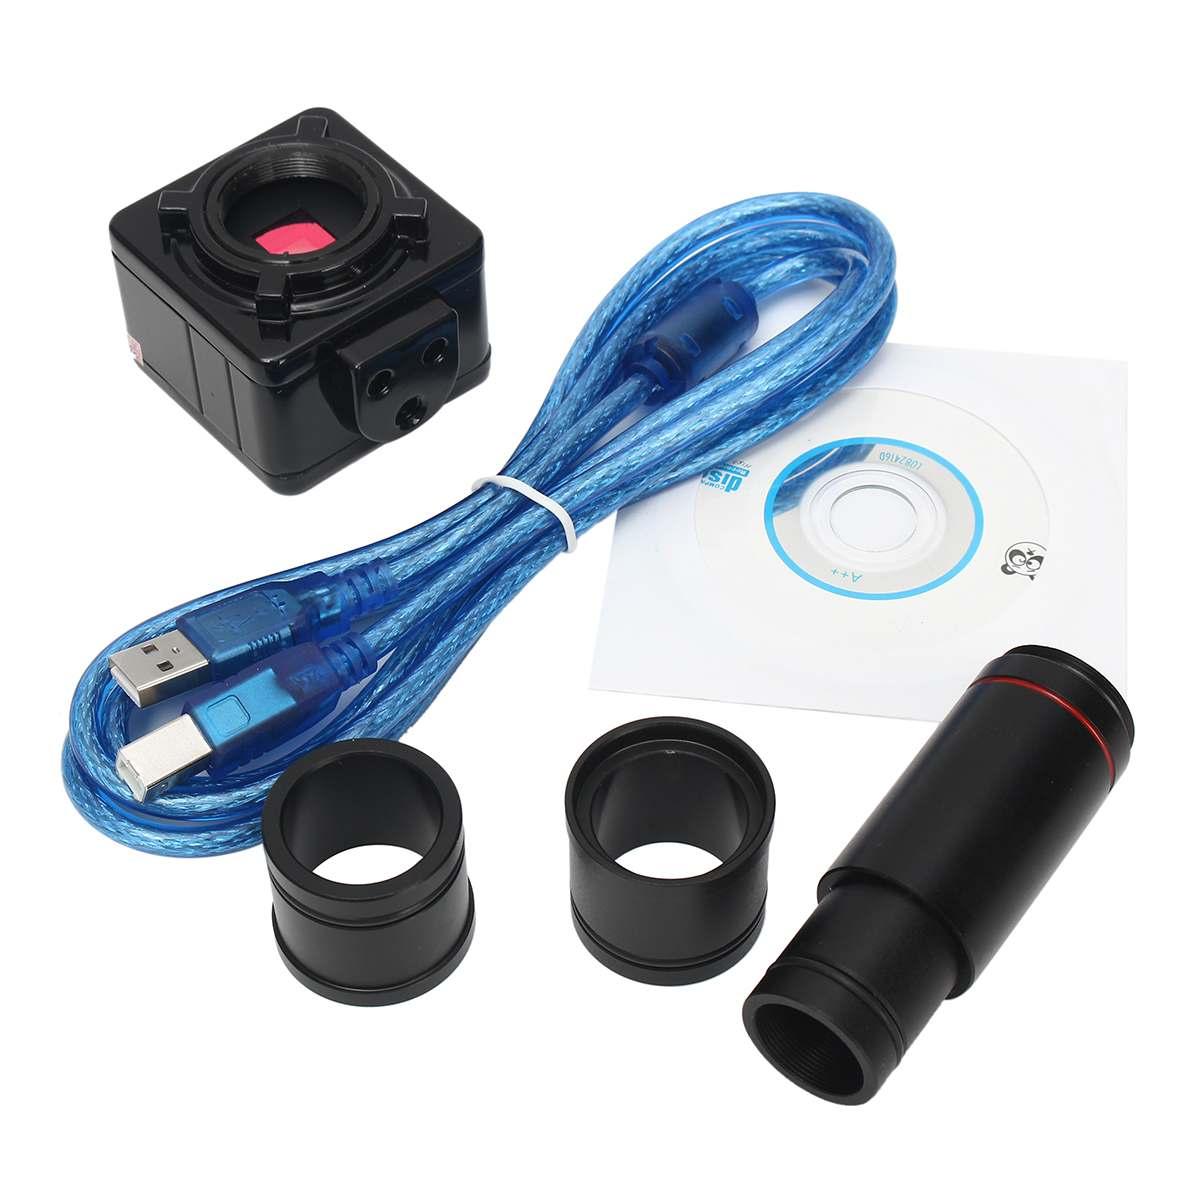 5MP USB C monture Microscope caméra 0.5X oculaire objectif adaptateur Set 23.2 à 30.5mm adaptateur anneau